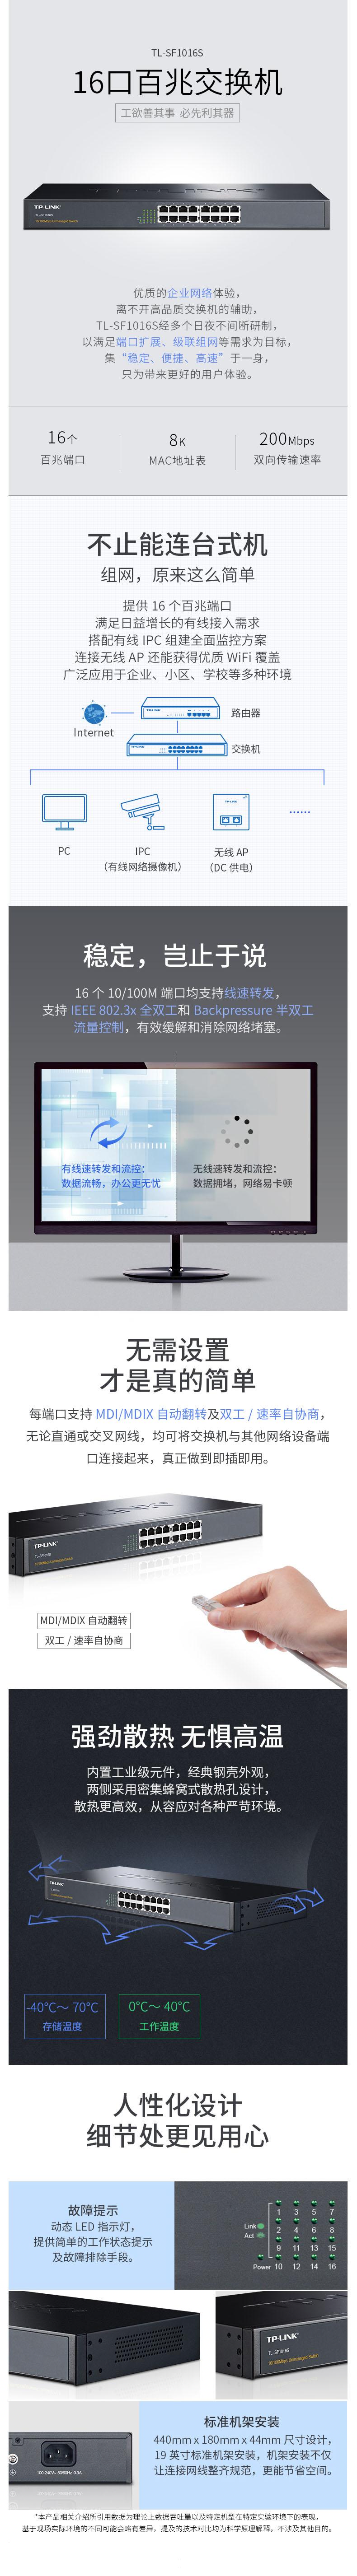 https://itemcdn.zcy.gov.cn/2018012609393340120860.jpg